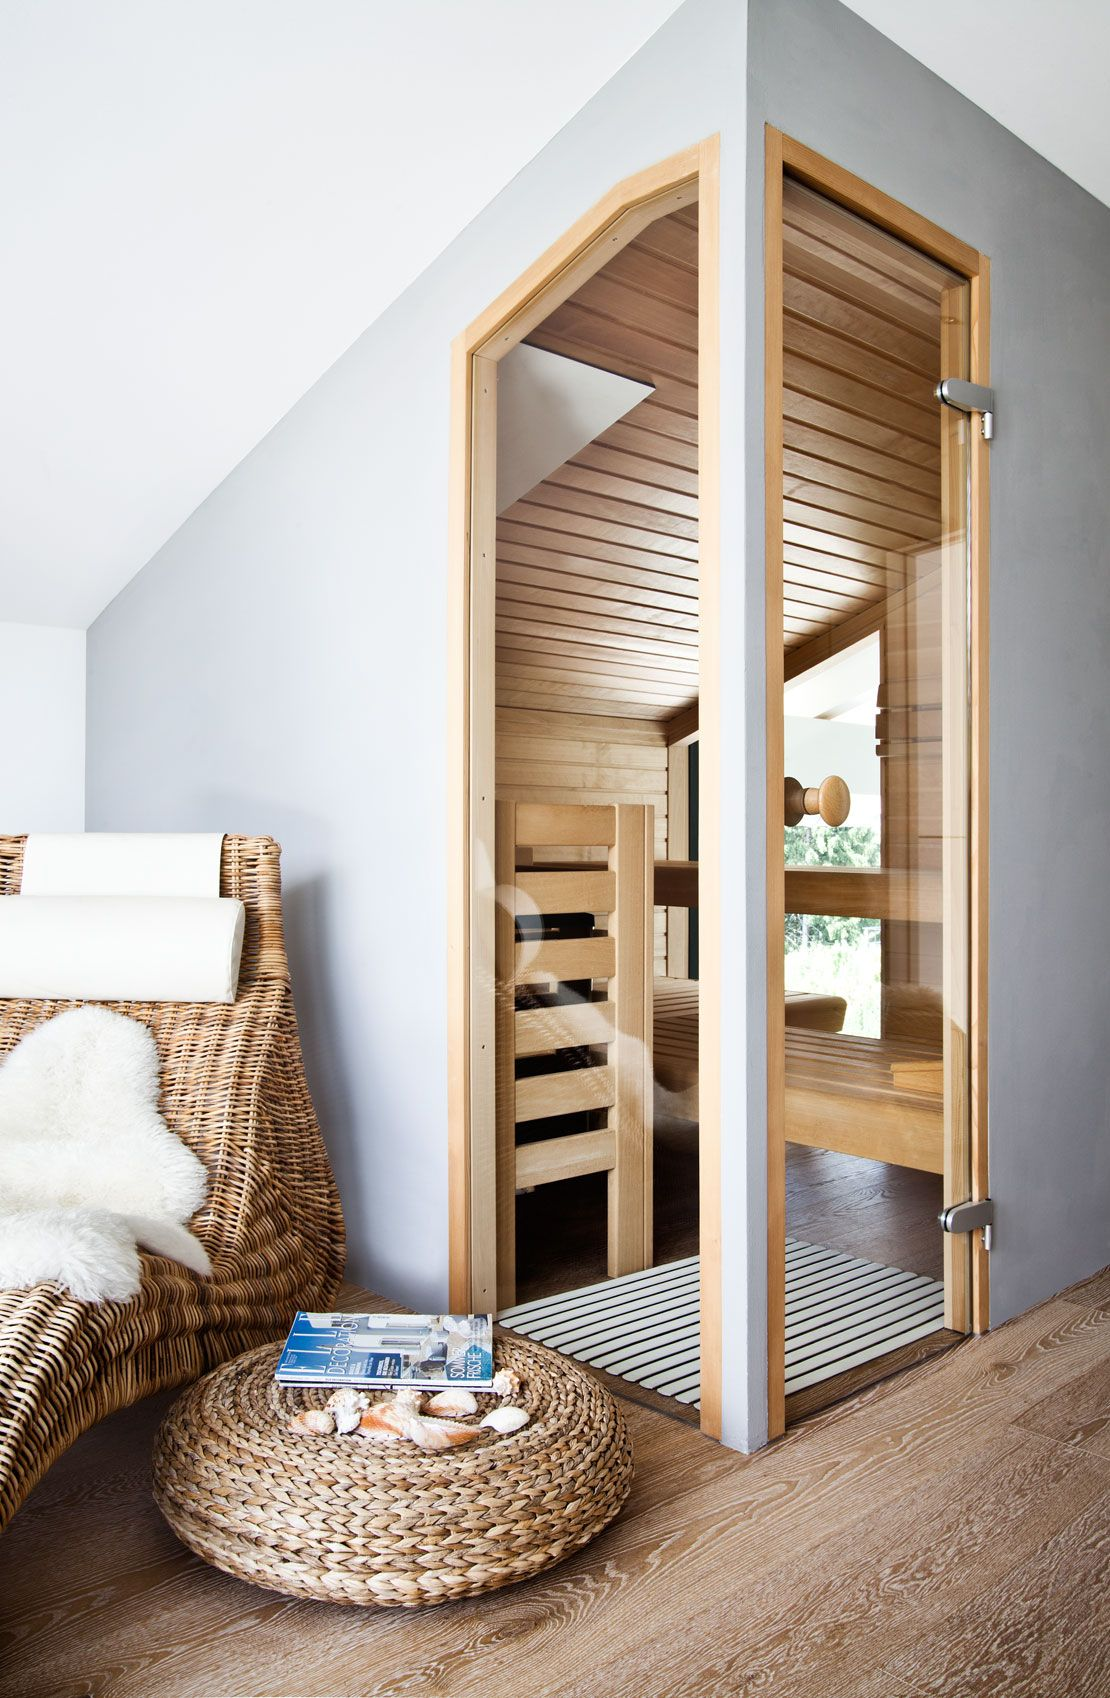 Luxus Hausrenovierung Dachschrage Im Schlafzimmer Bilder Fur Dein Inspirationen #27: Zu Hause Bei Claudia Horstmann Am Tegernsee U2013 Westwing Magazin